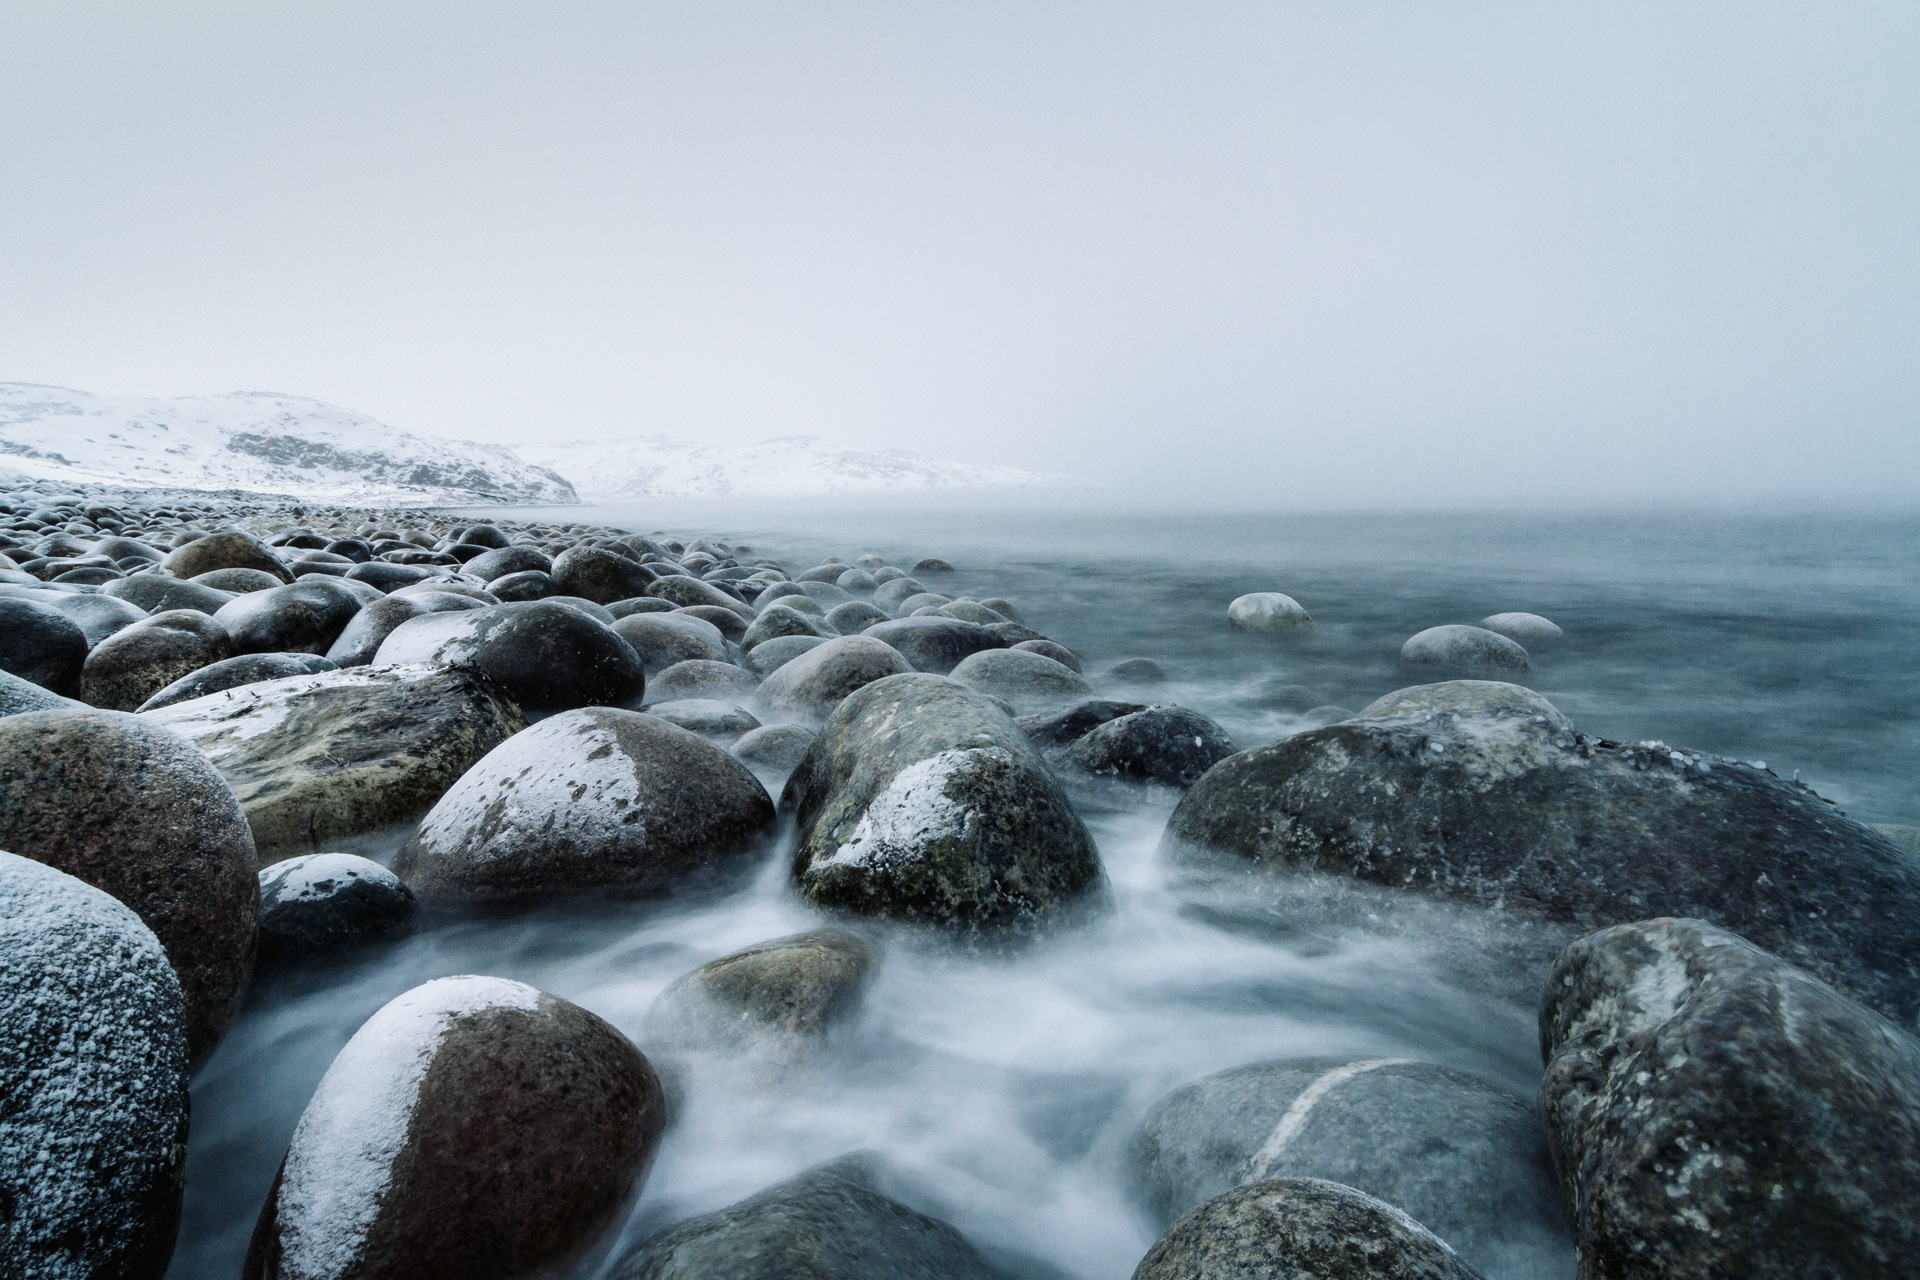 Nebel, Steinen, Kälte, Schnee, Wolken, Wasser, Wallpaper HD - Prof.-falken.com